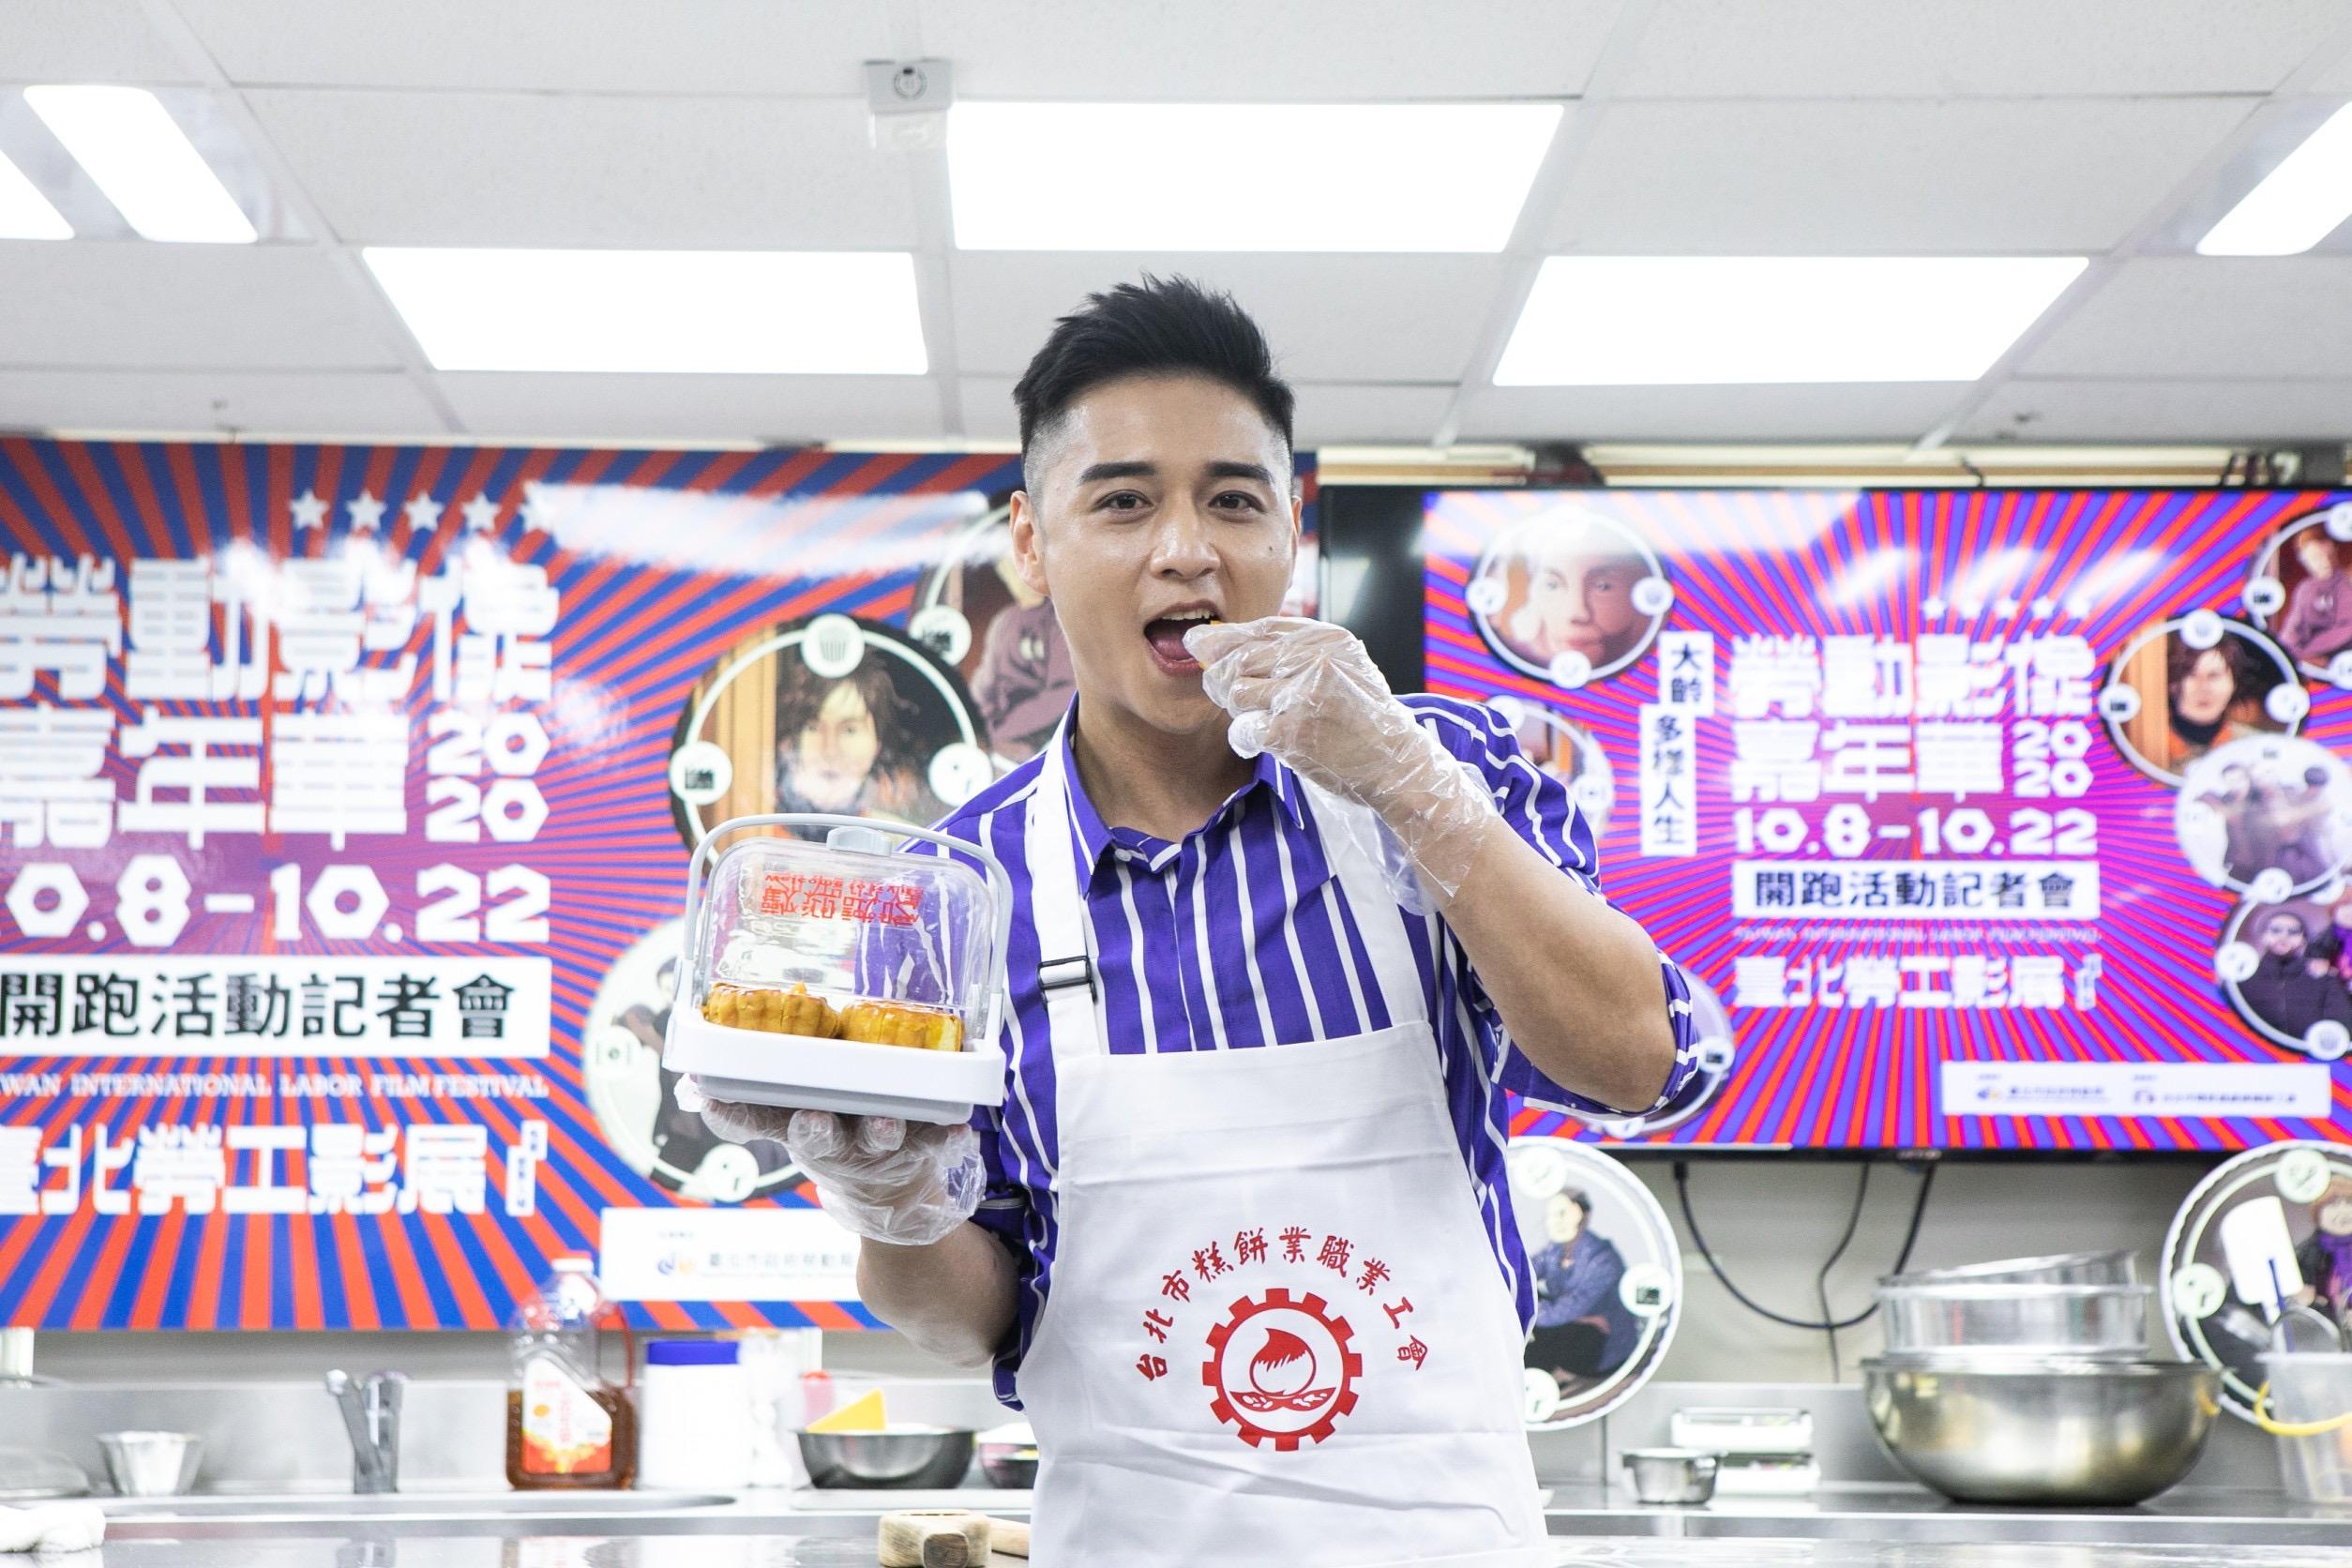 鄭人碩為2020勞動影像嘉年華的形象宣傳大使